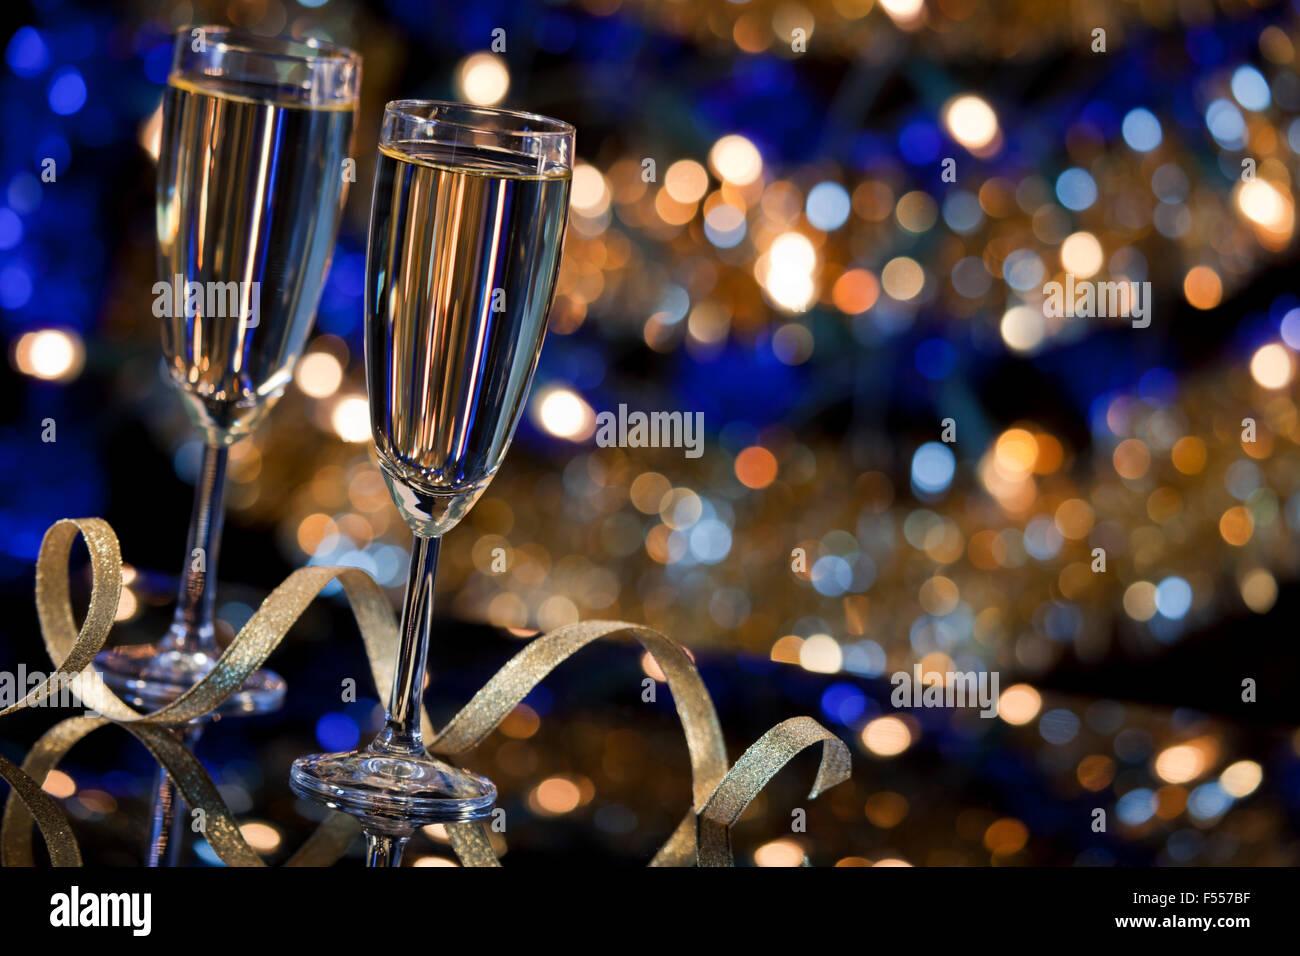 Una escena de Nochevieja con copas de champaña y las luces de Navidad en el fondo. Imagen De Stock